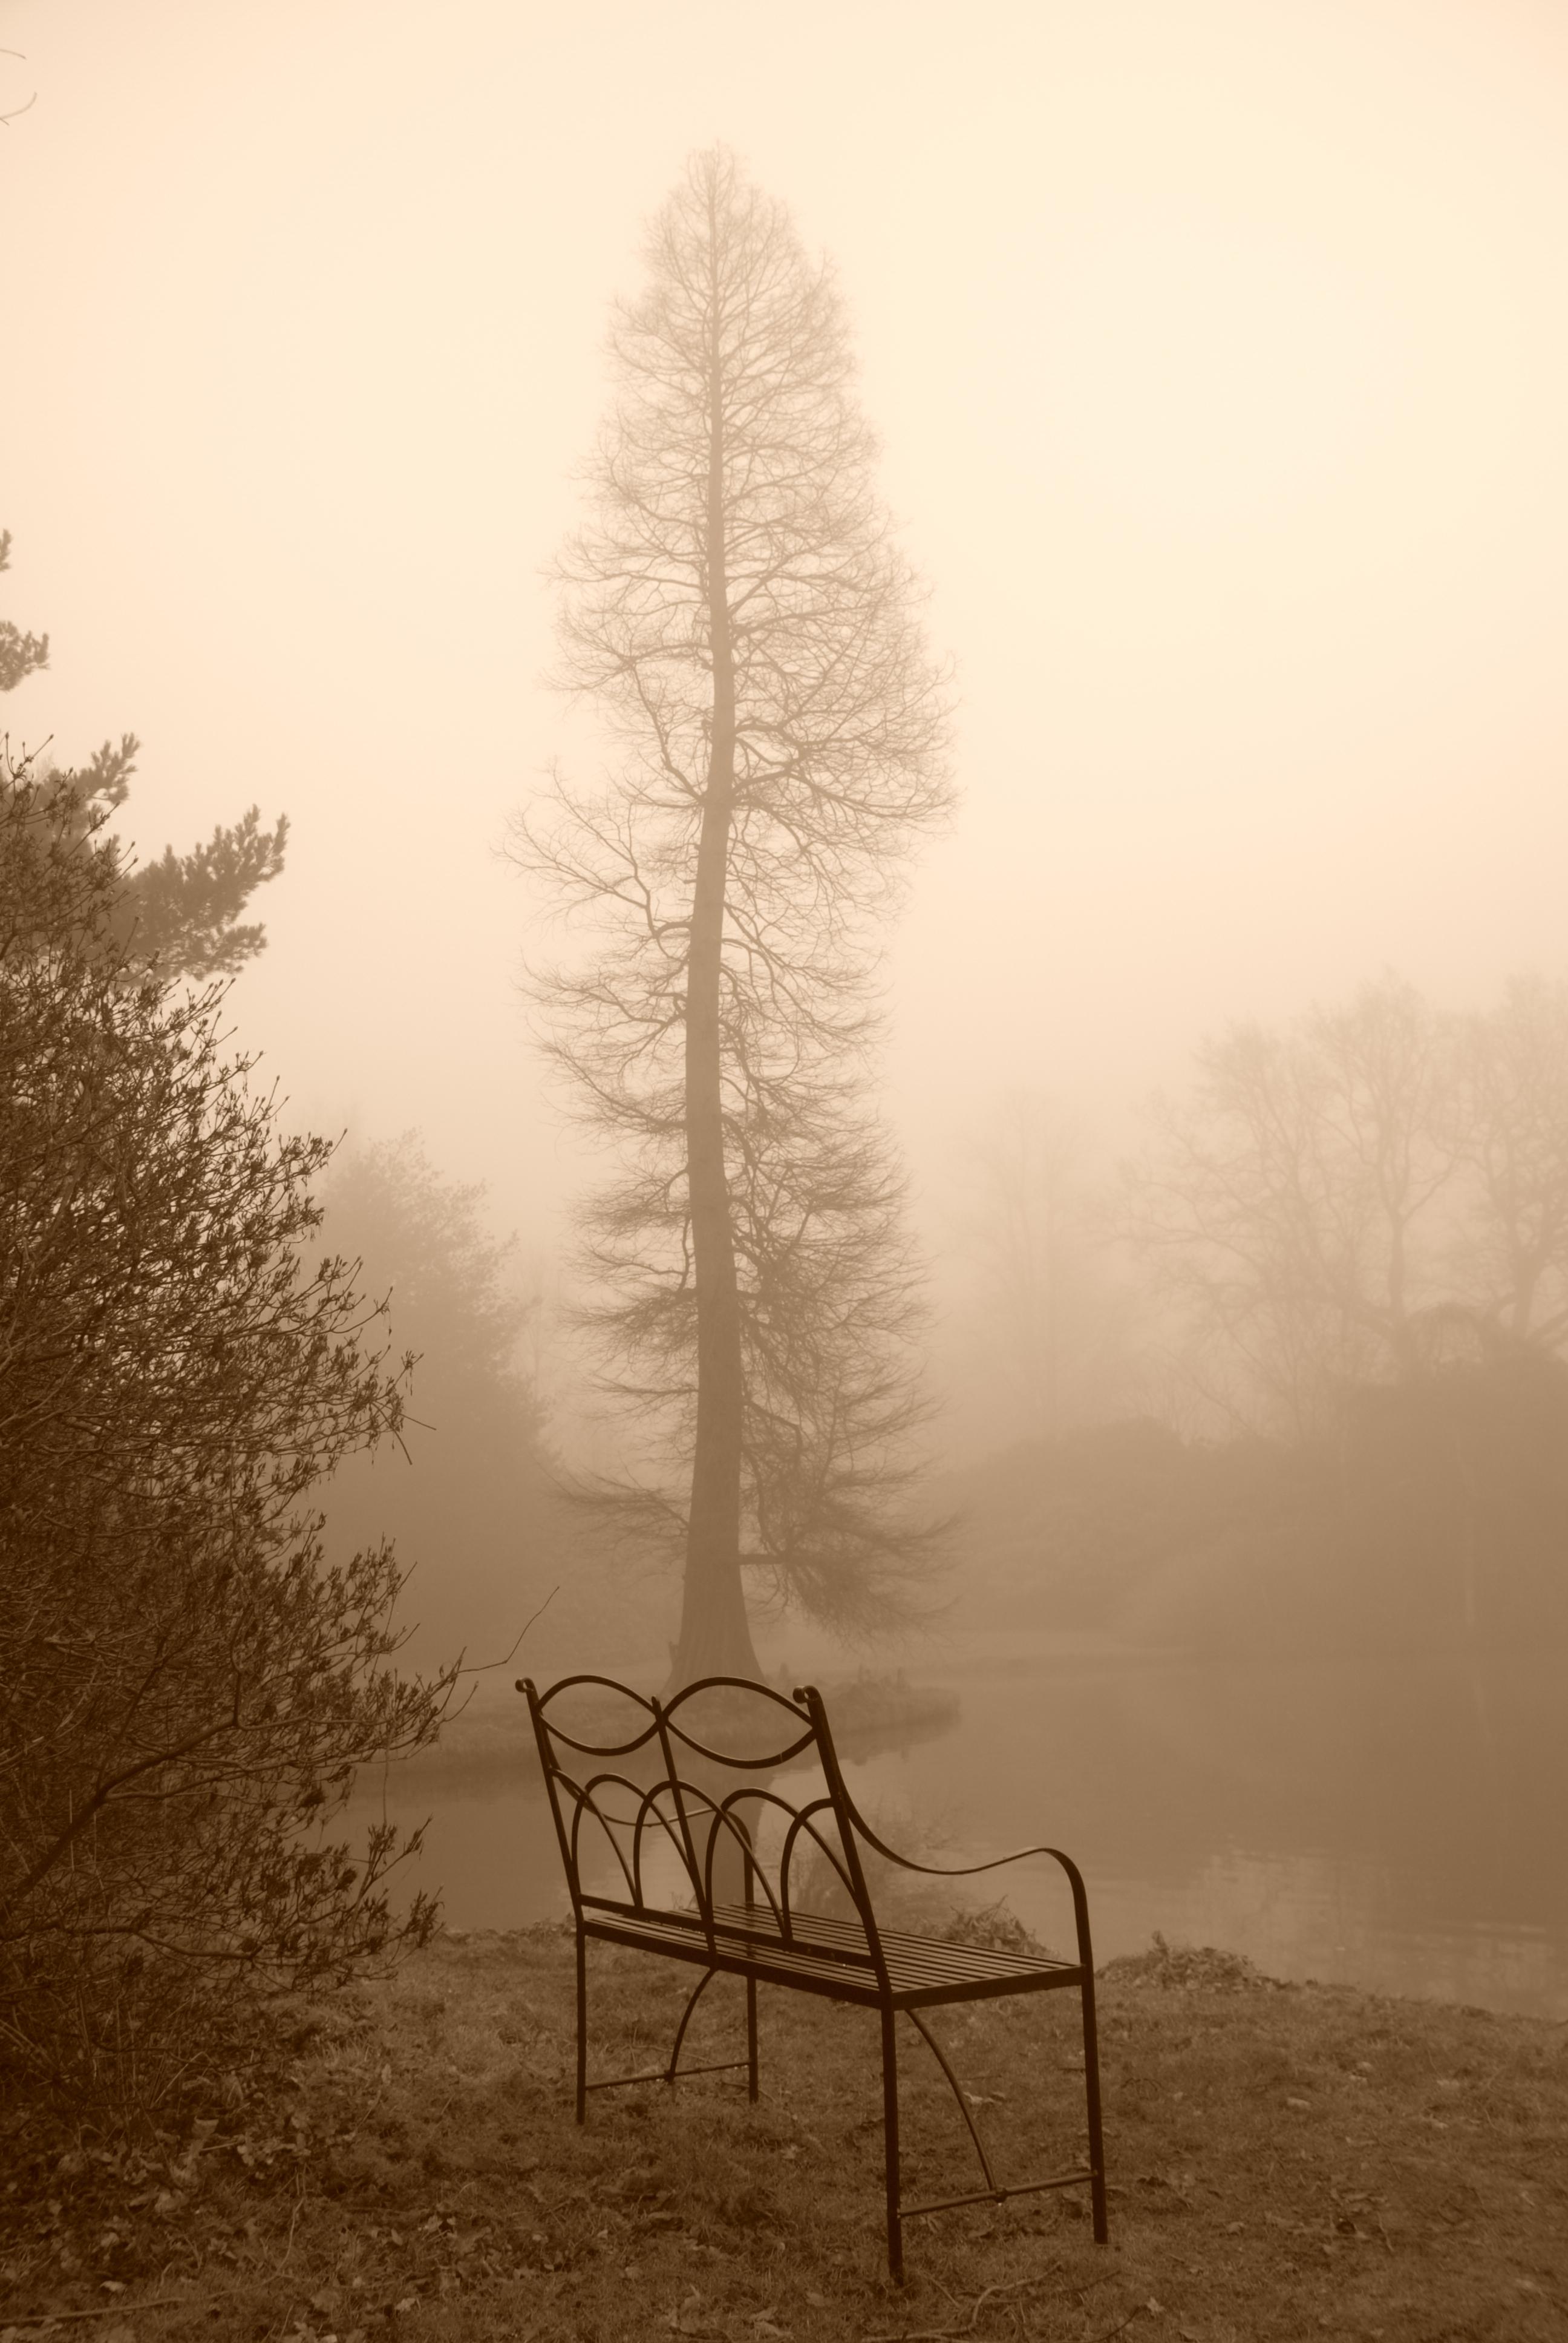 En bänk och ett träd